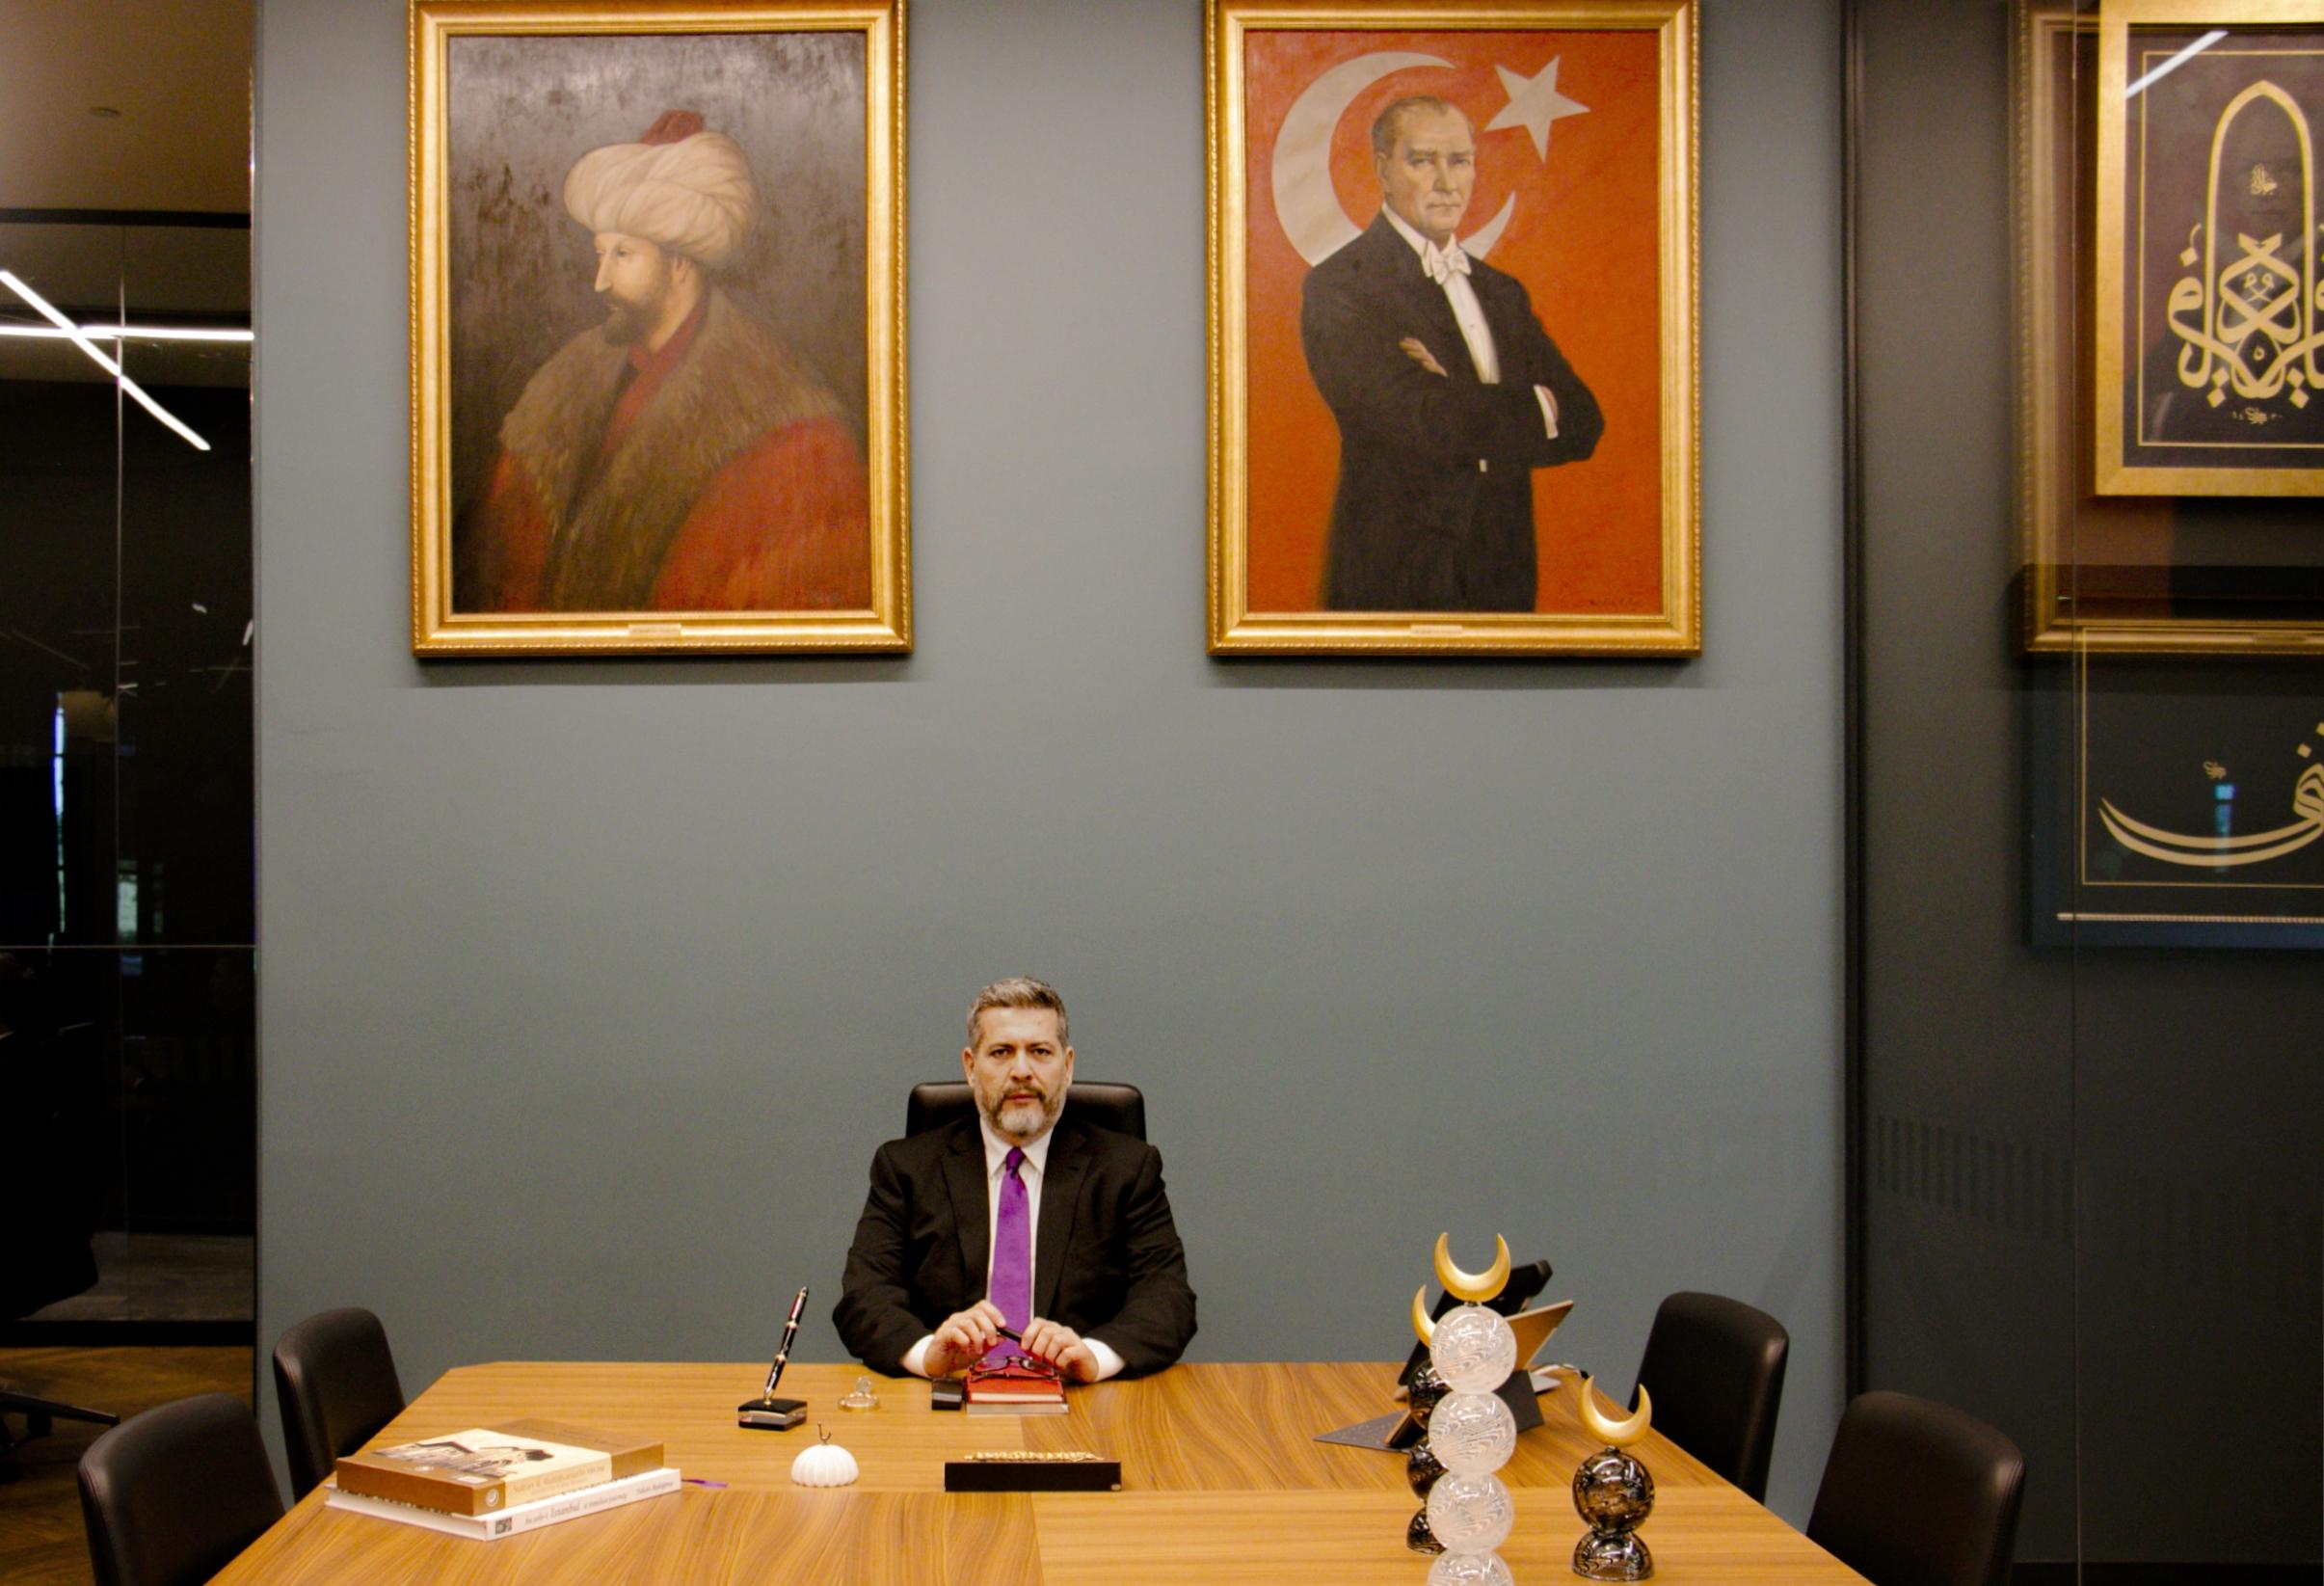 Bu operasyon Türkiye'nin en önemli güvenlik sorununa karşı başlatılmıştır.